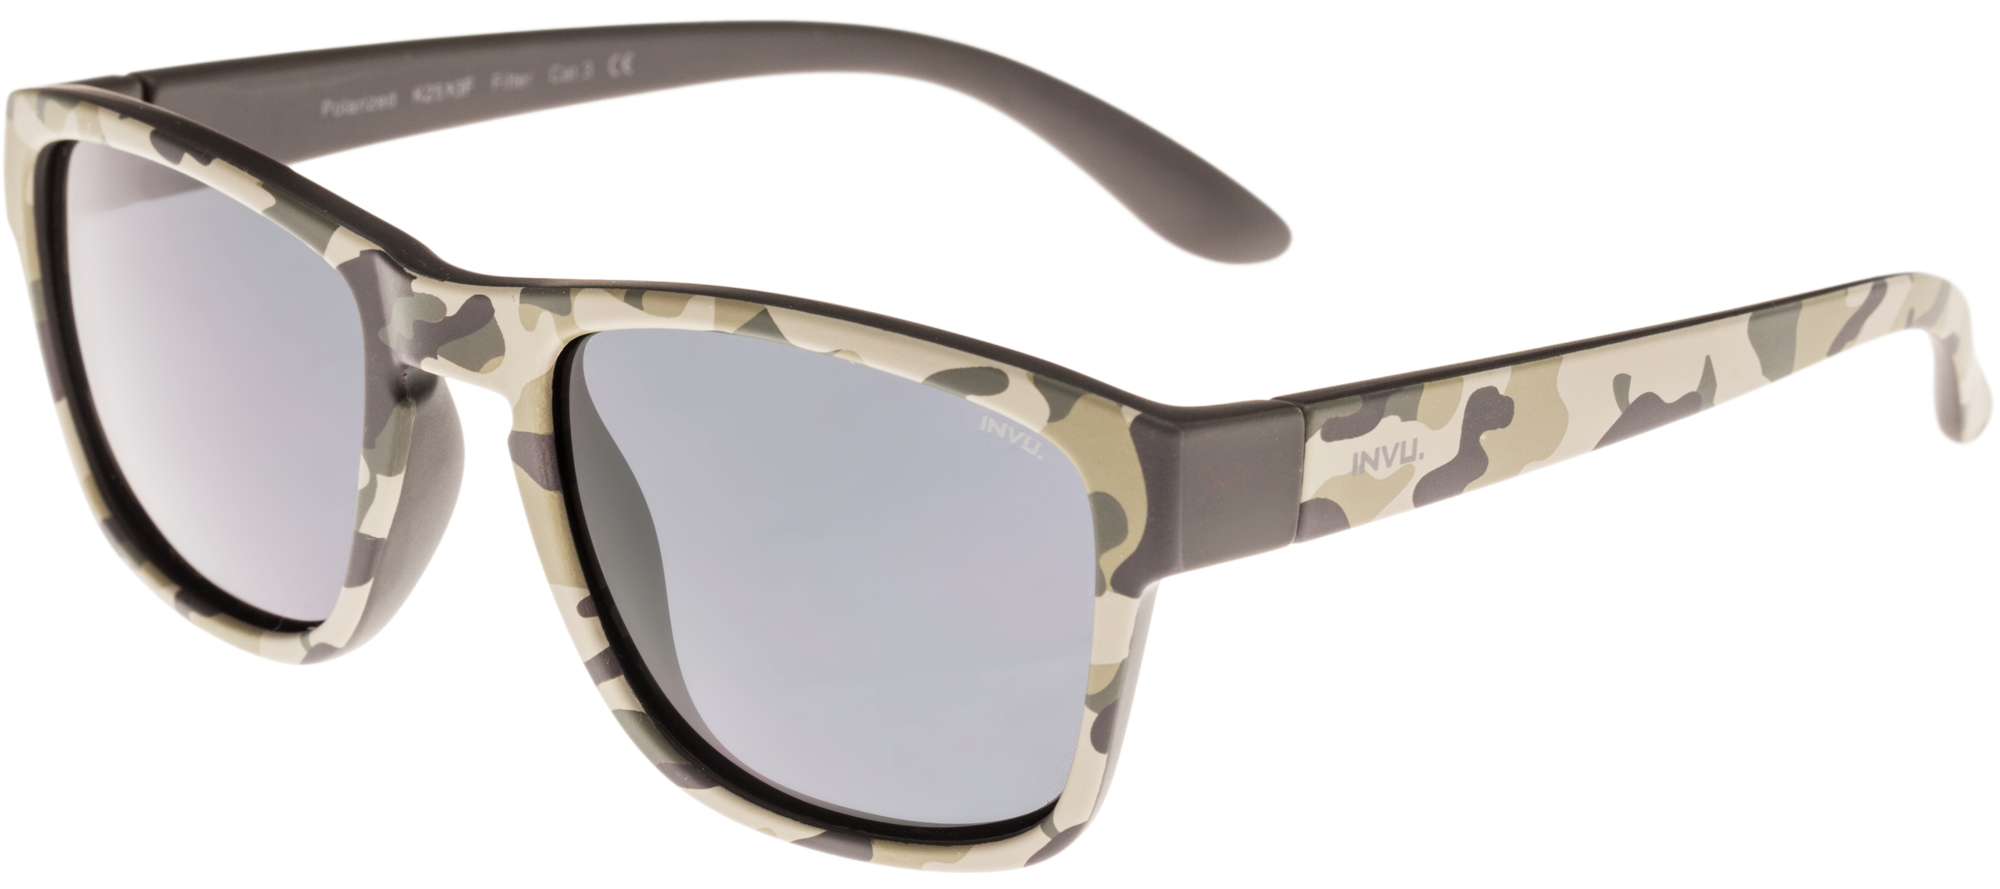 Солнцезащитные очки детские Invu со скидкой